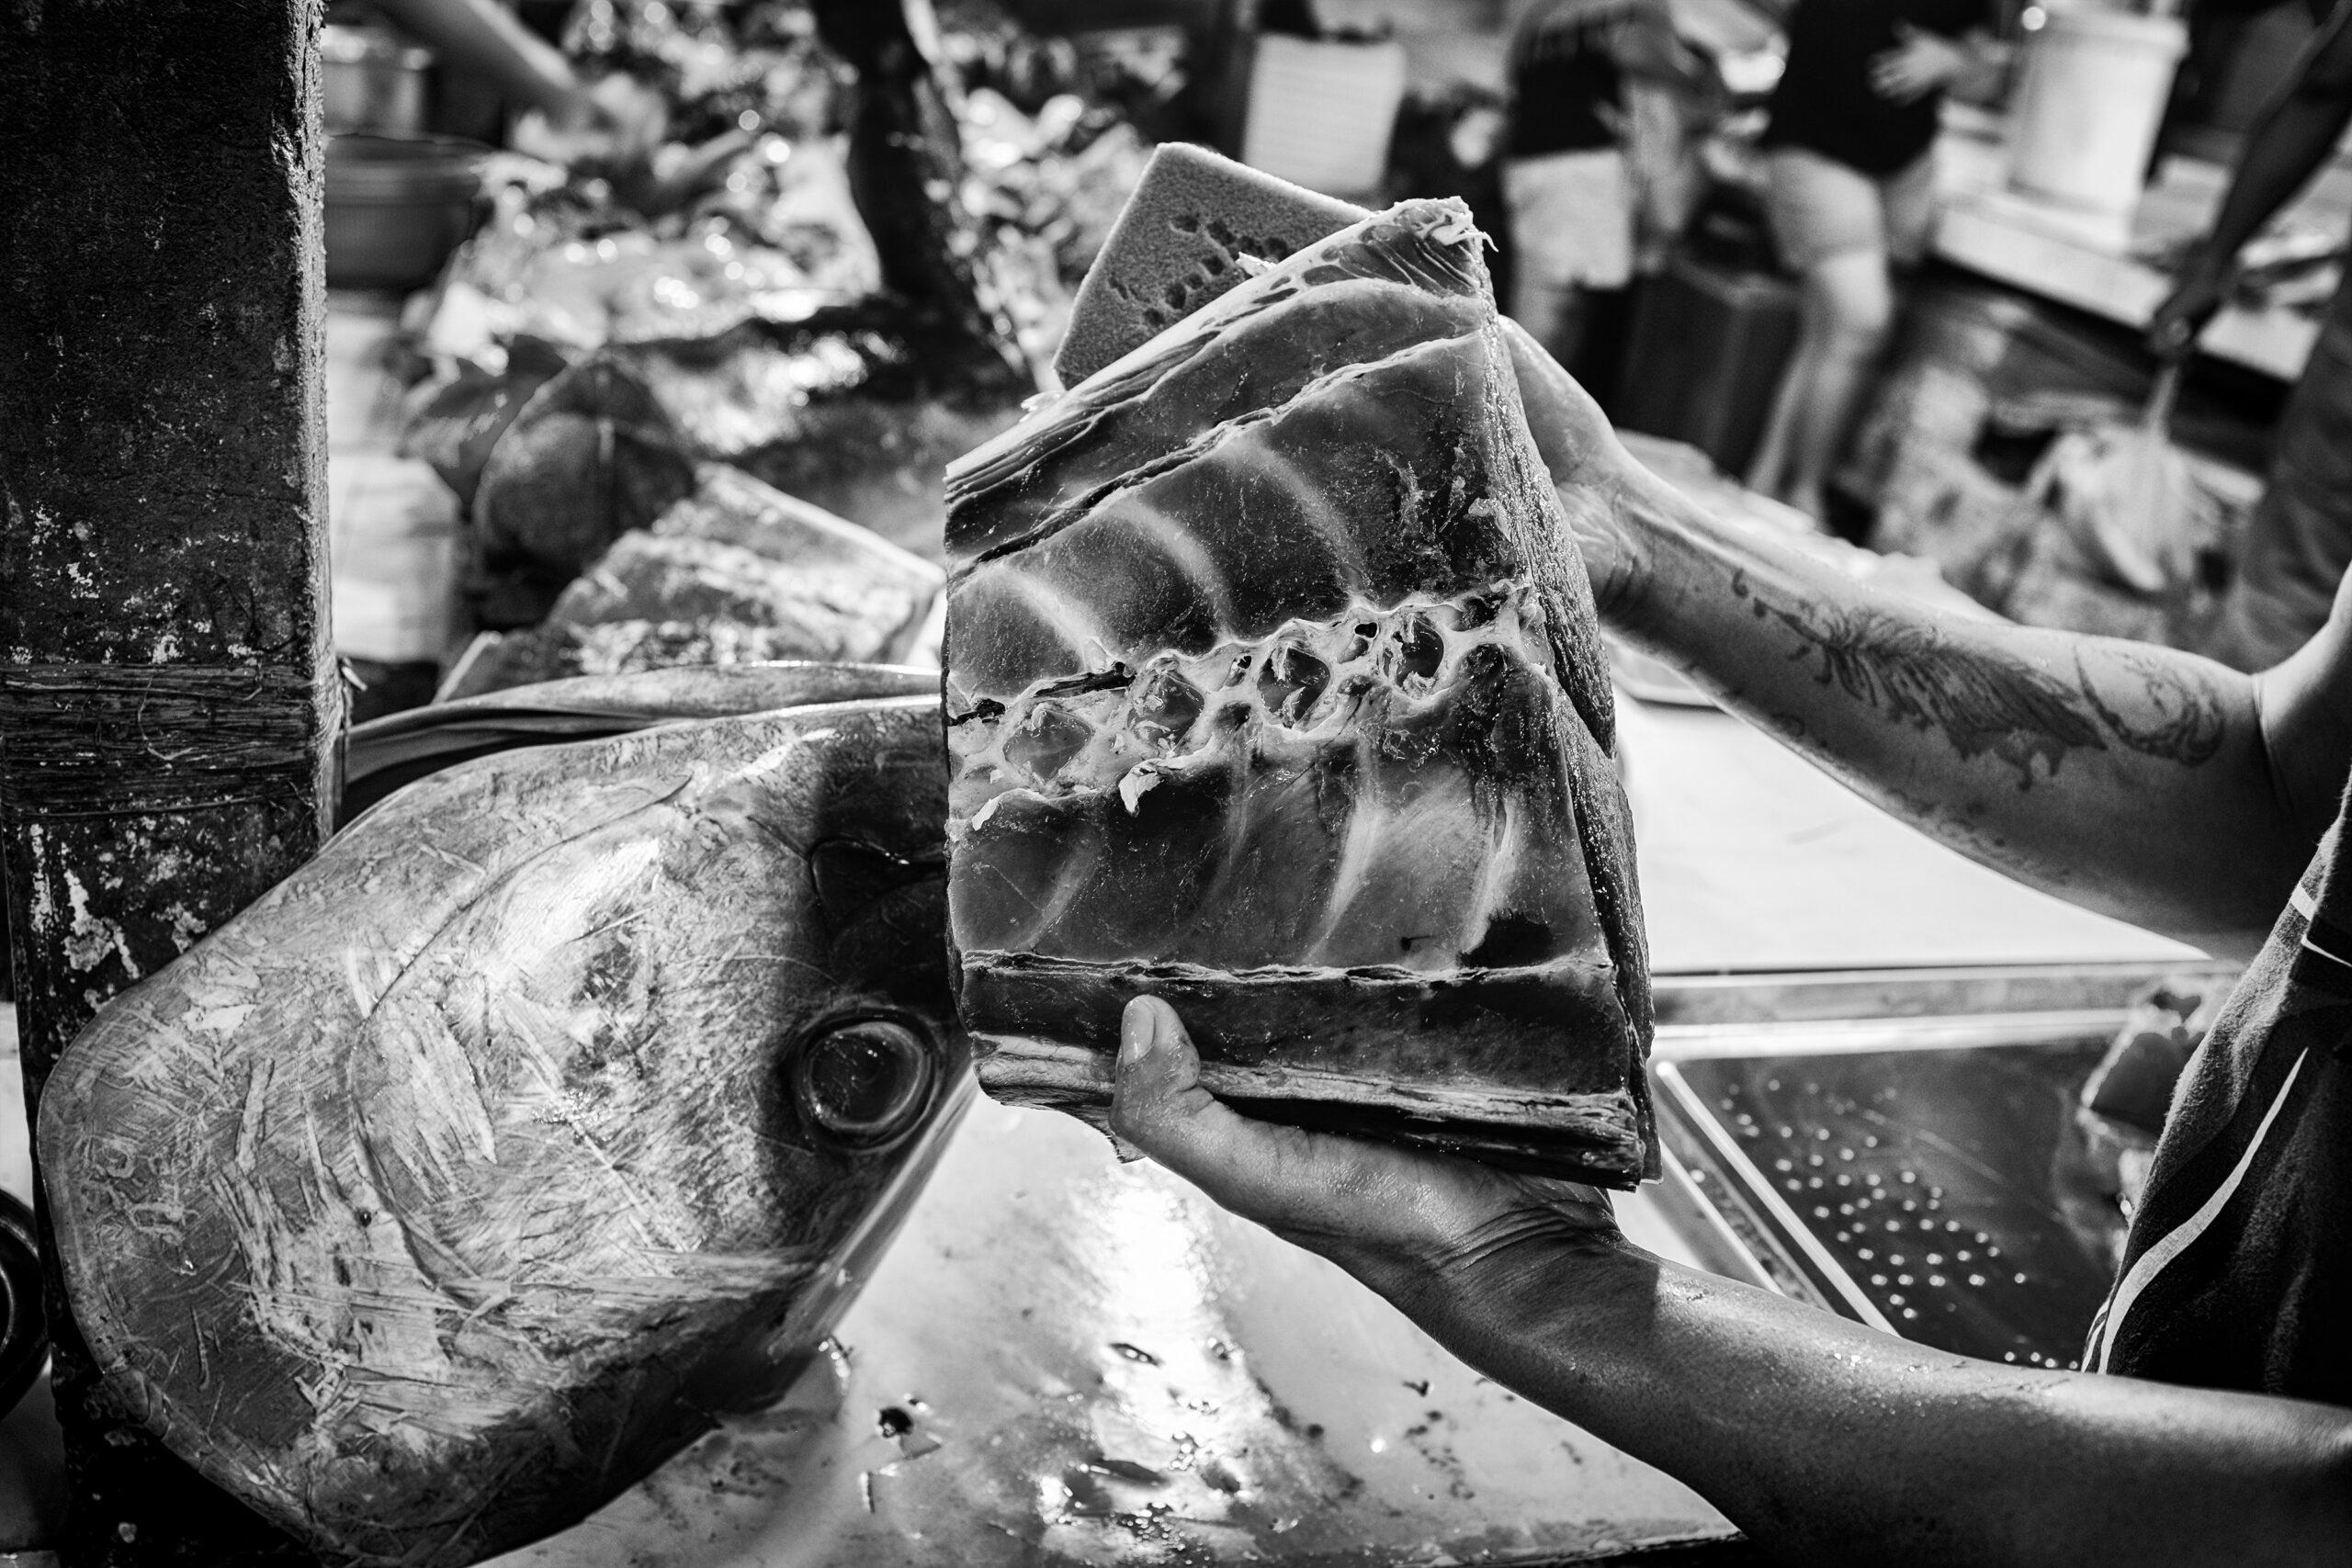 Primer Premio. Categoría: Mejor trabajo en el exterior (Serie). En el mercado de la ciudad filipina de General Santos un vendedor muestra un pedazo de lomo de yellowfin. Durante la primera semana de septiembre se celebra en esta localidad el festival del atún, una especie de carnaval pero con el atún como temática principal. Nando Rivero